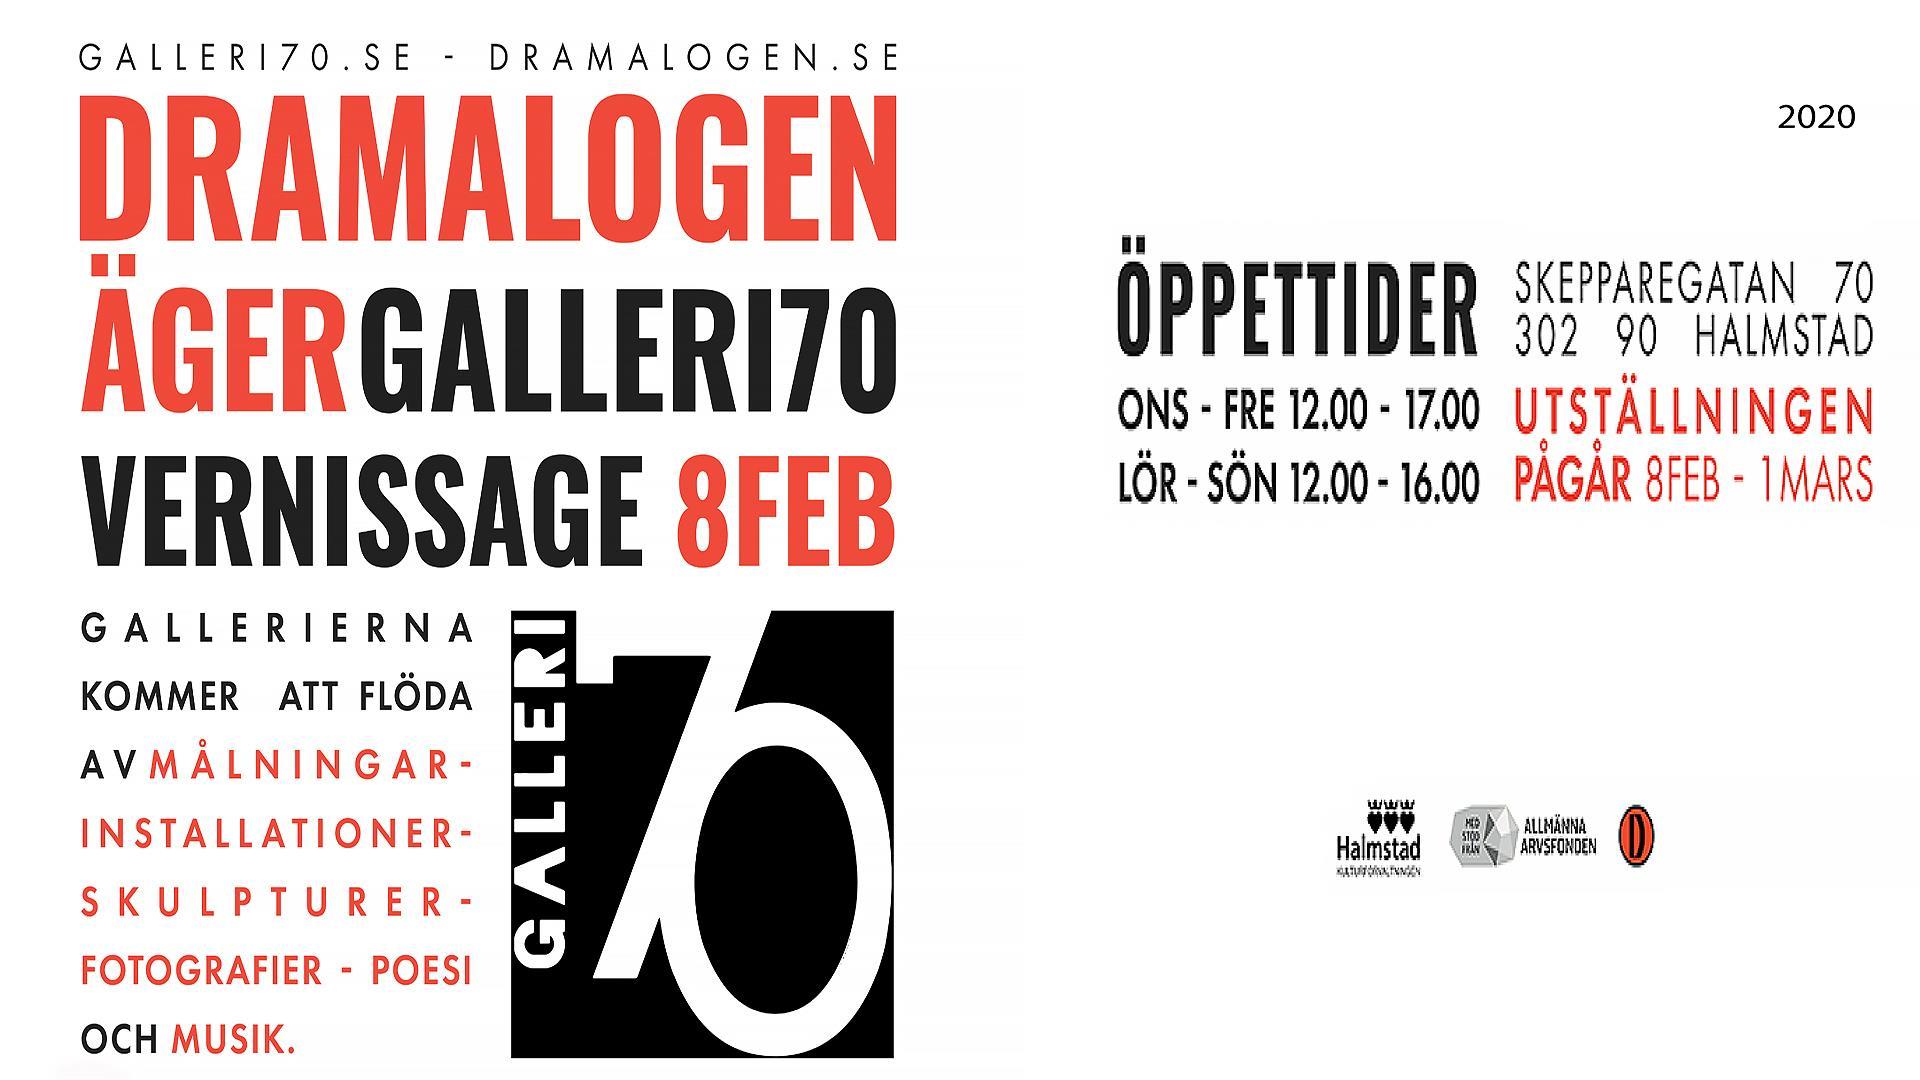 Dramalogen på Galleri70